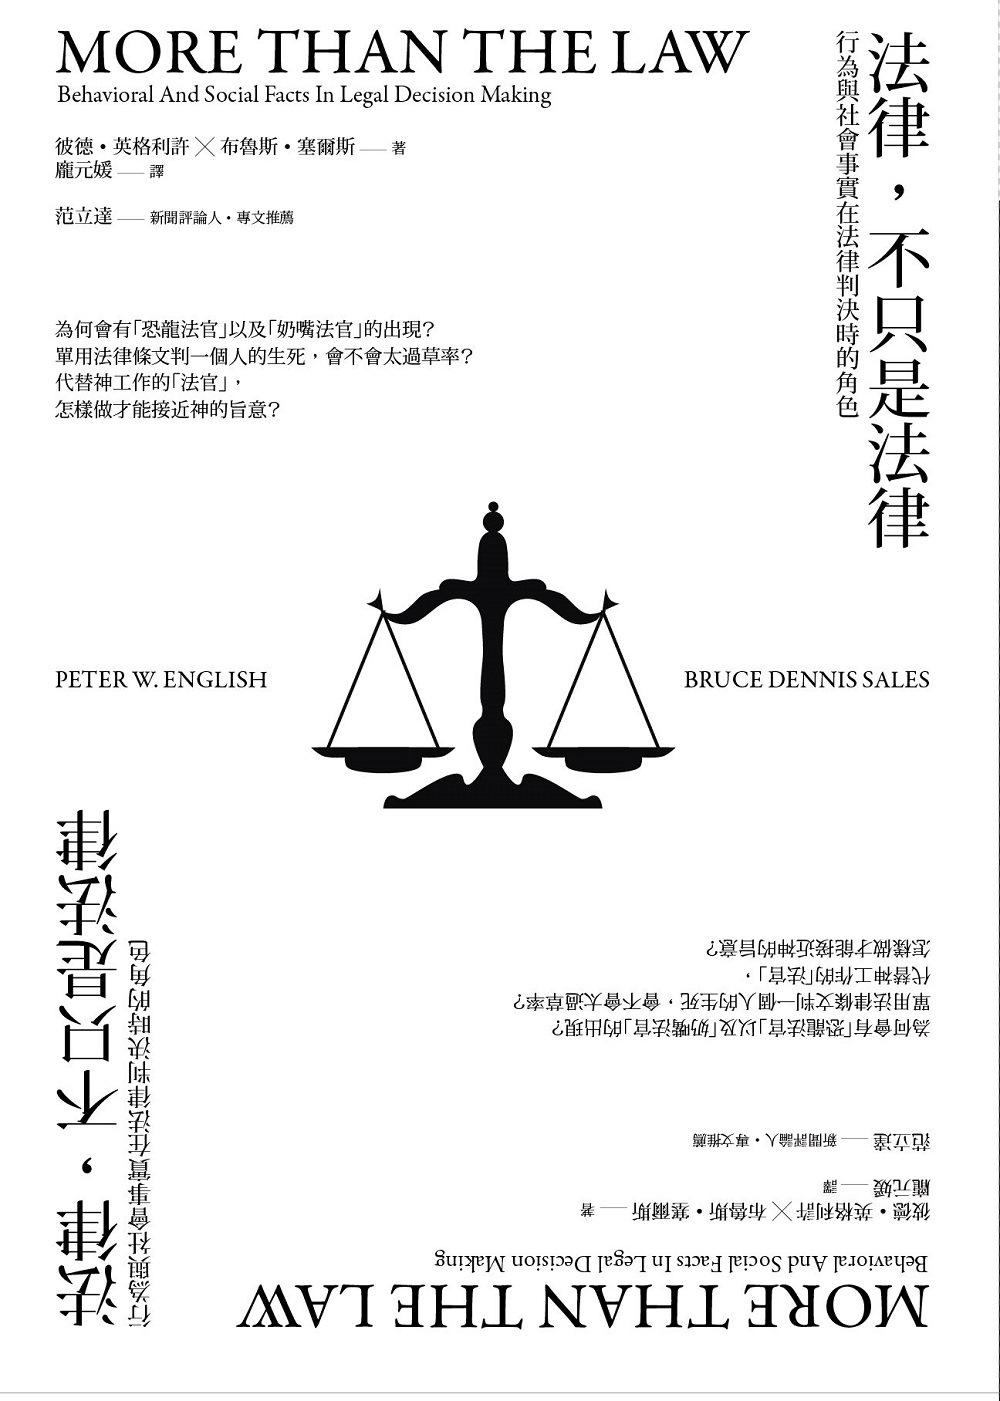 法律,不只是法律:行為與社會事實在法律判決時的角色(2版)